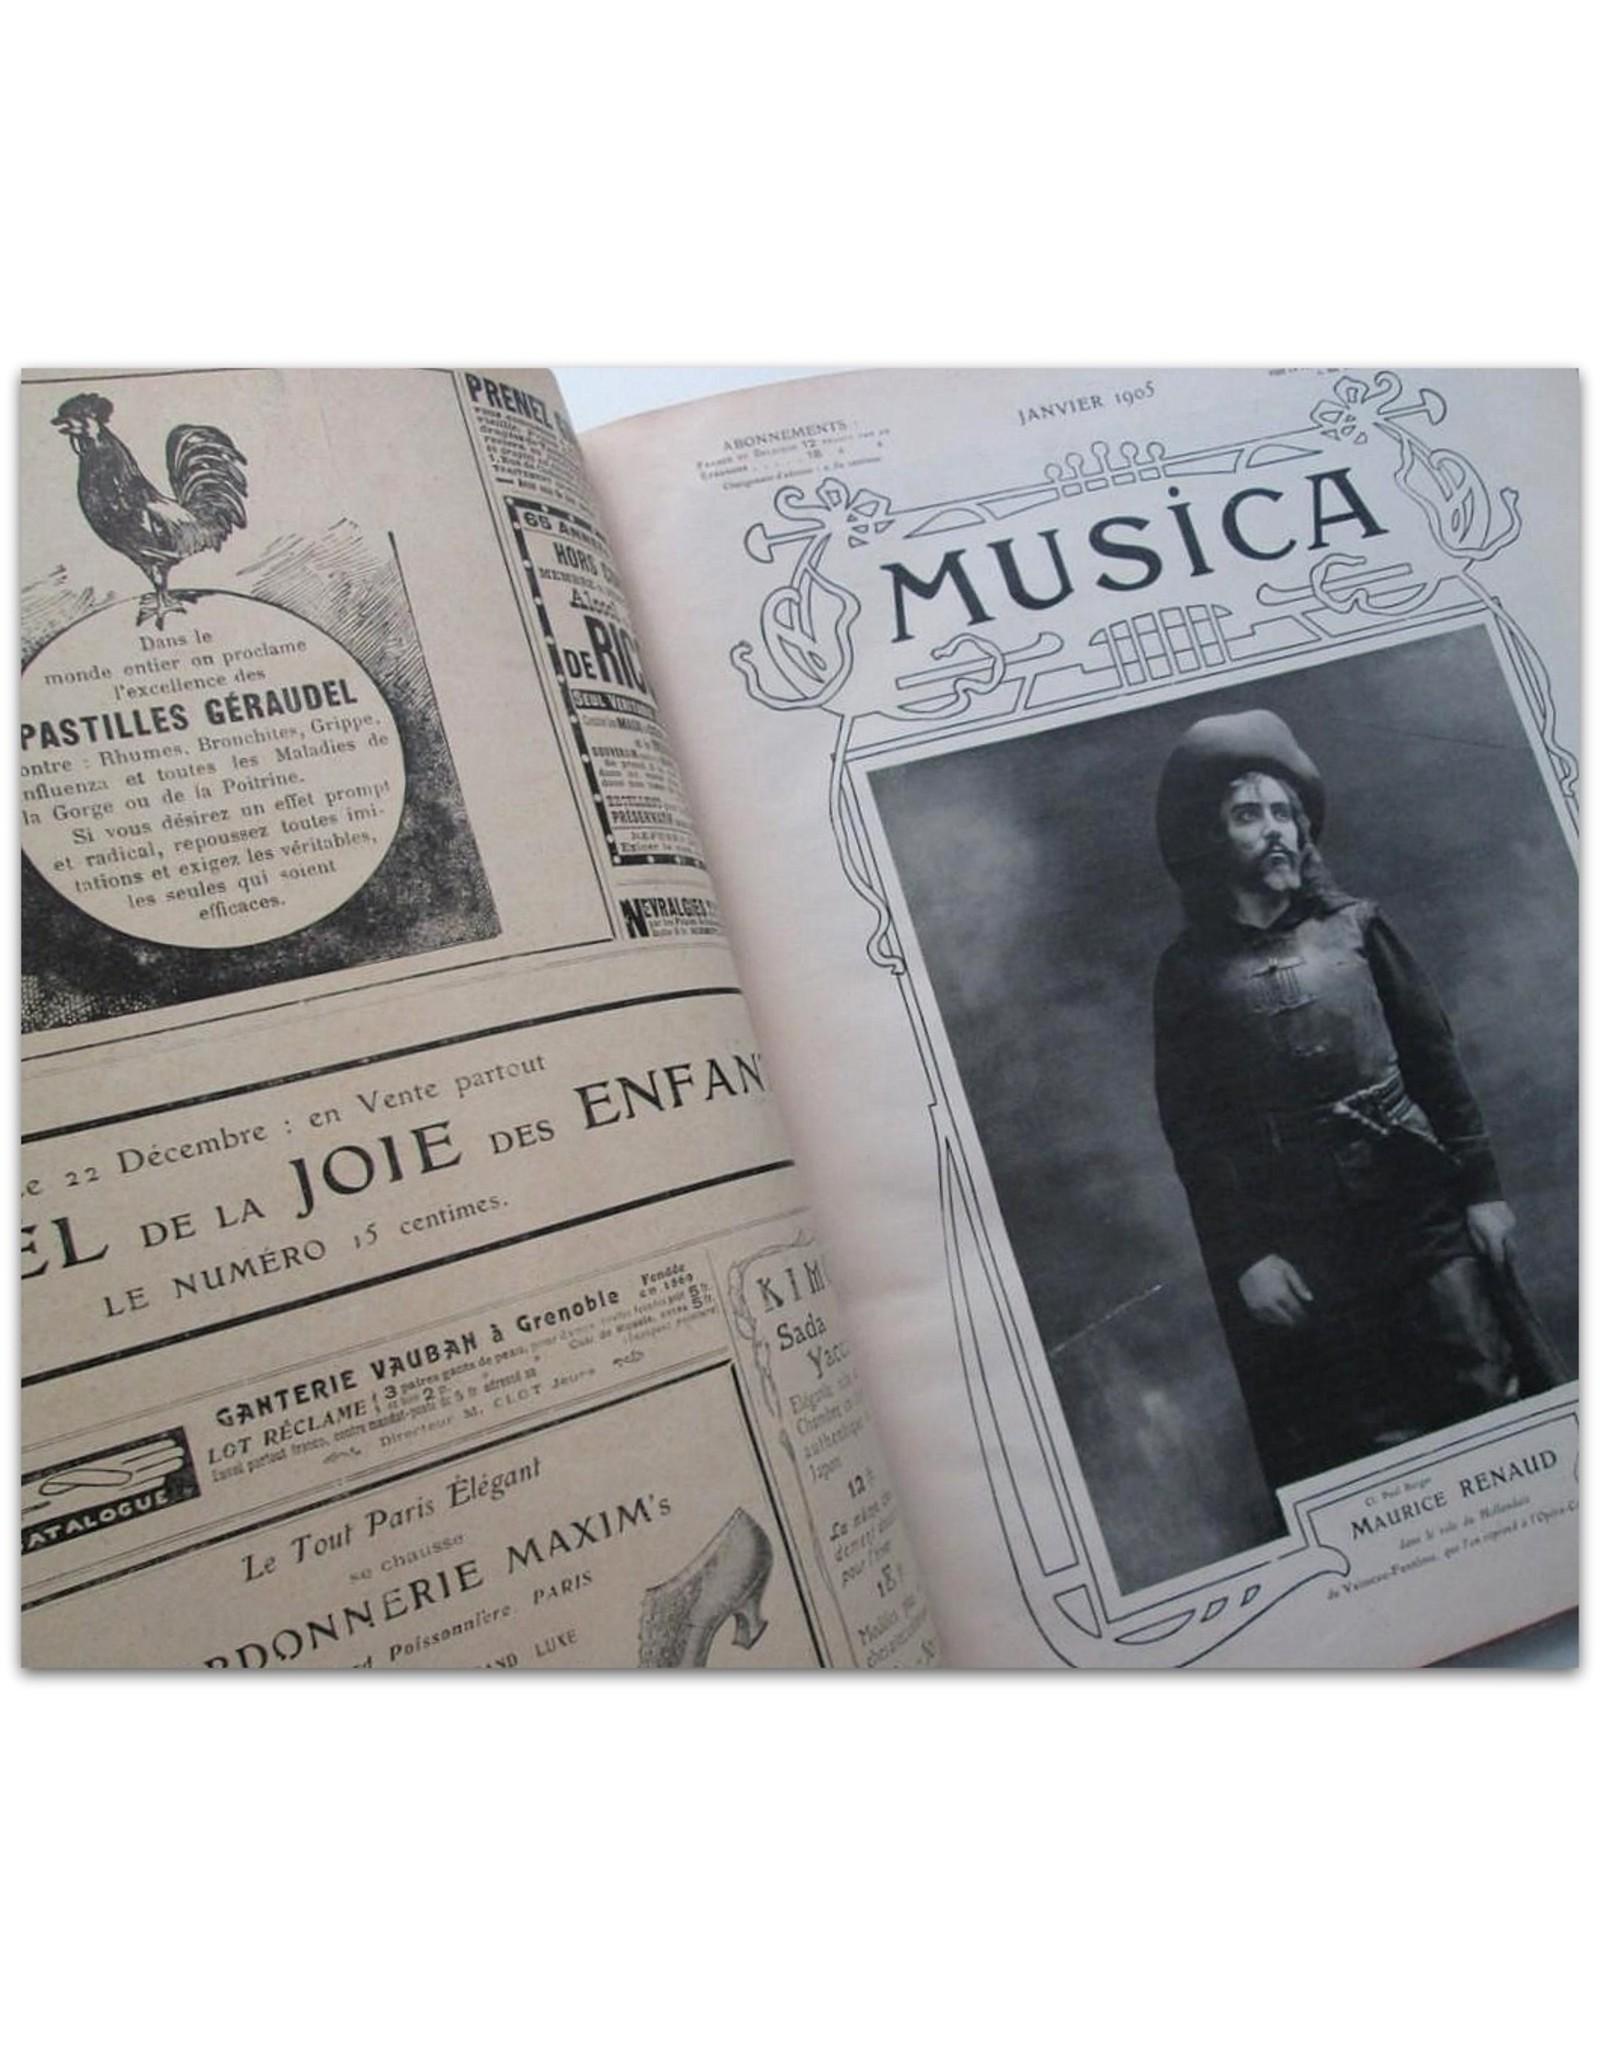 [Sarah Bernhardt] - Musica [Quatrième année 1905: Janvier No. 28 thru Décembre No. 39]